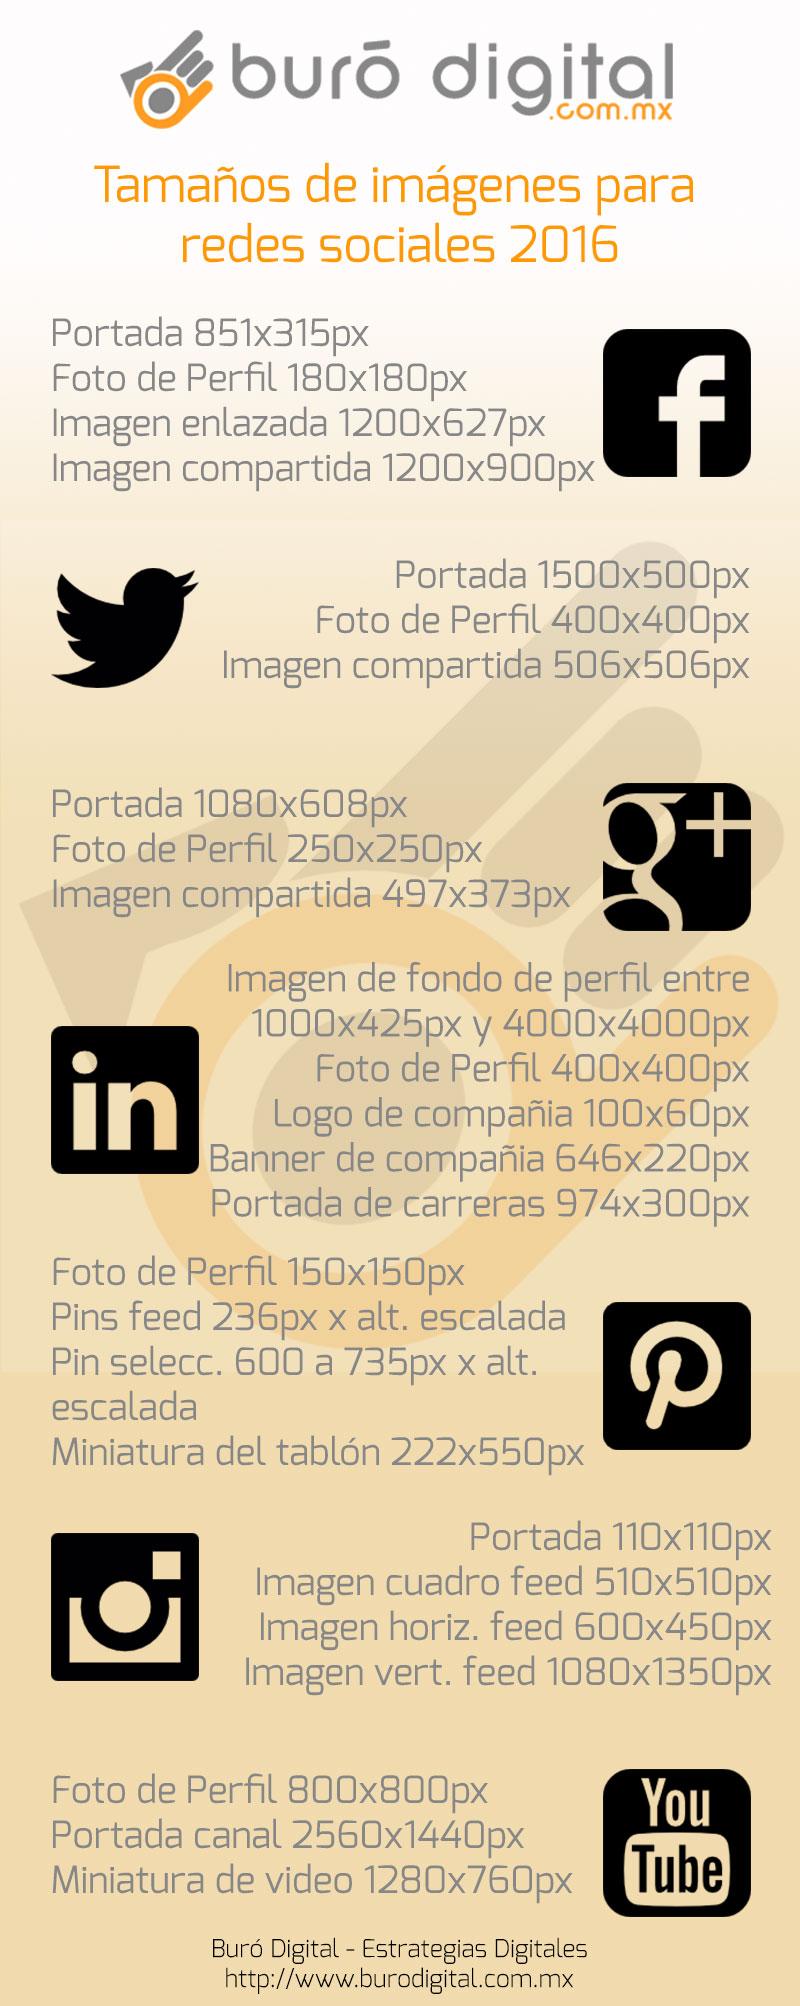 Tamaños de imágenes para redes sociales 2016 - Buró Digital